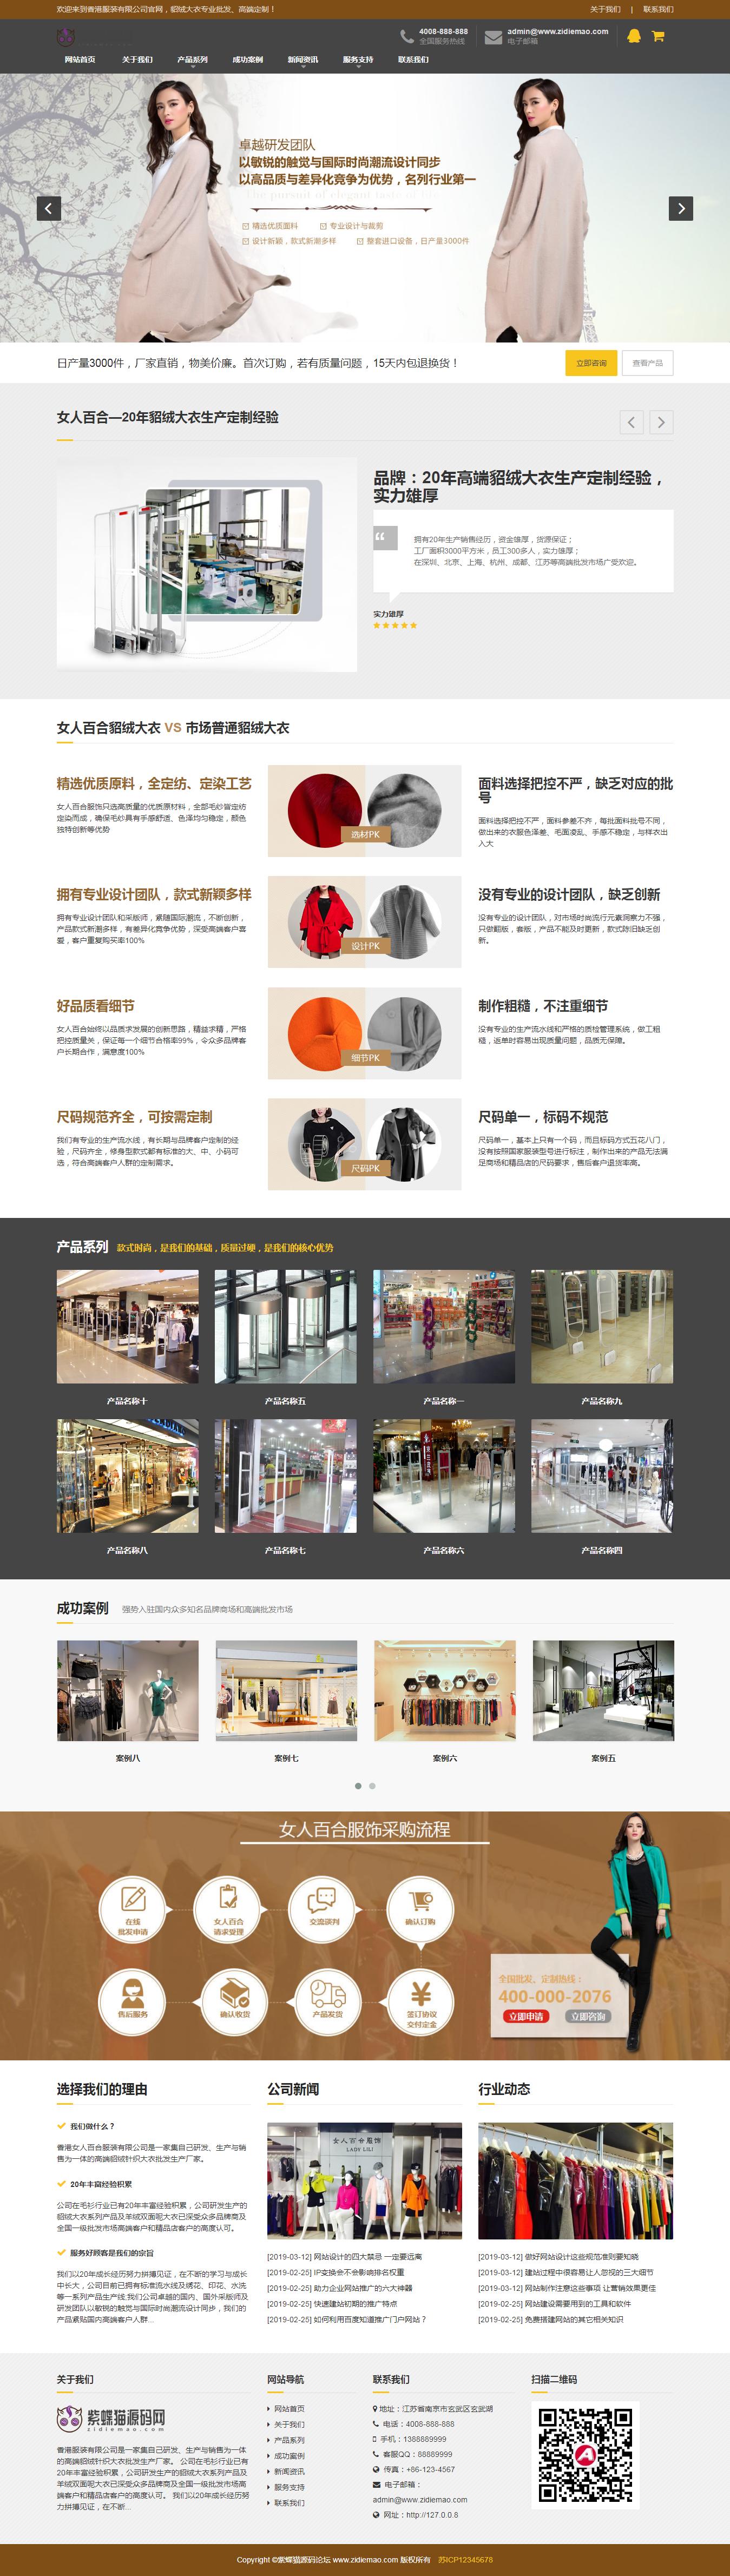 织梦服装网站模板